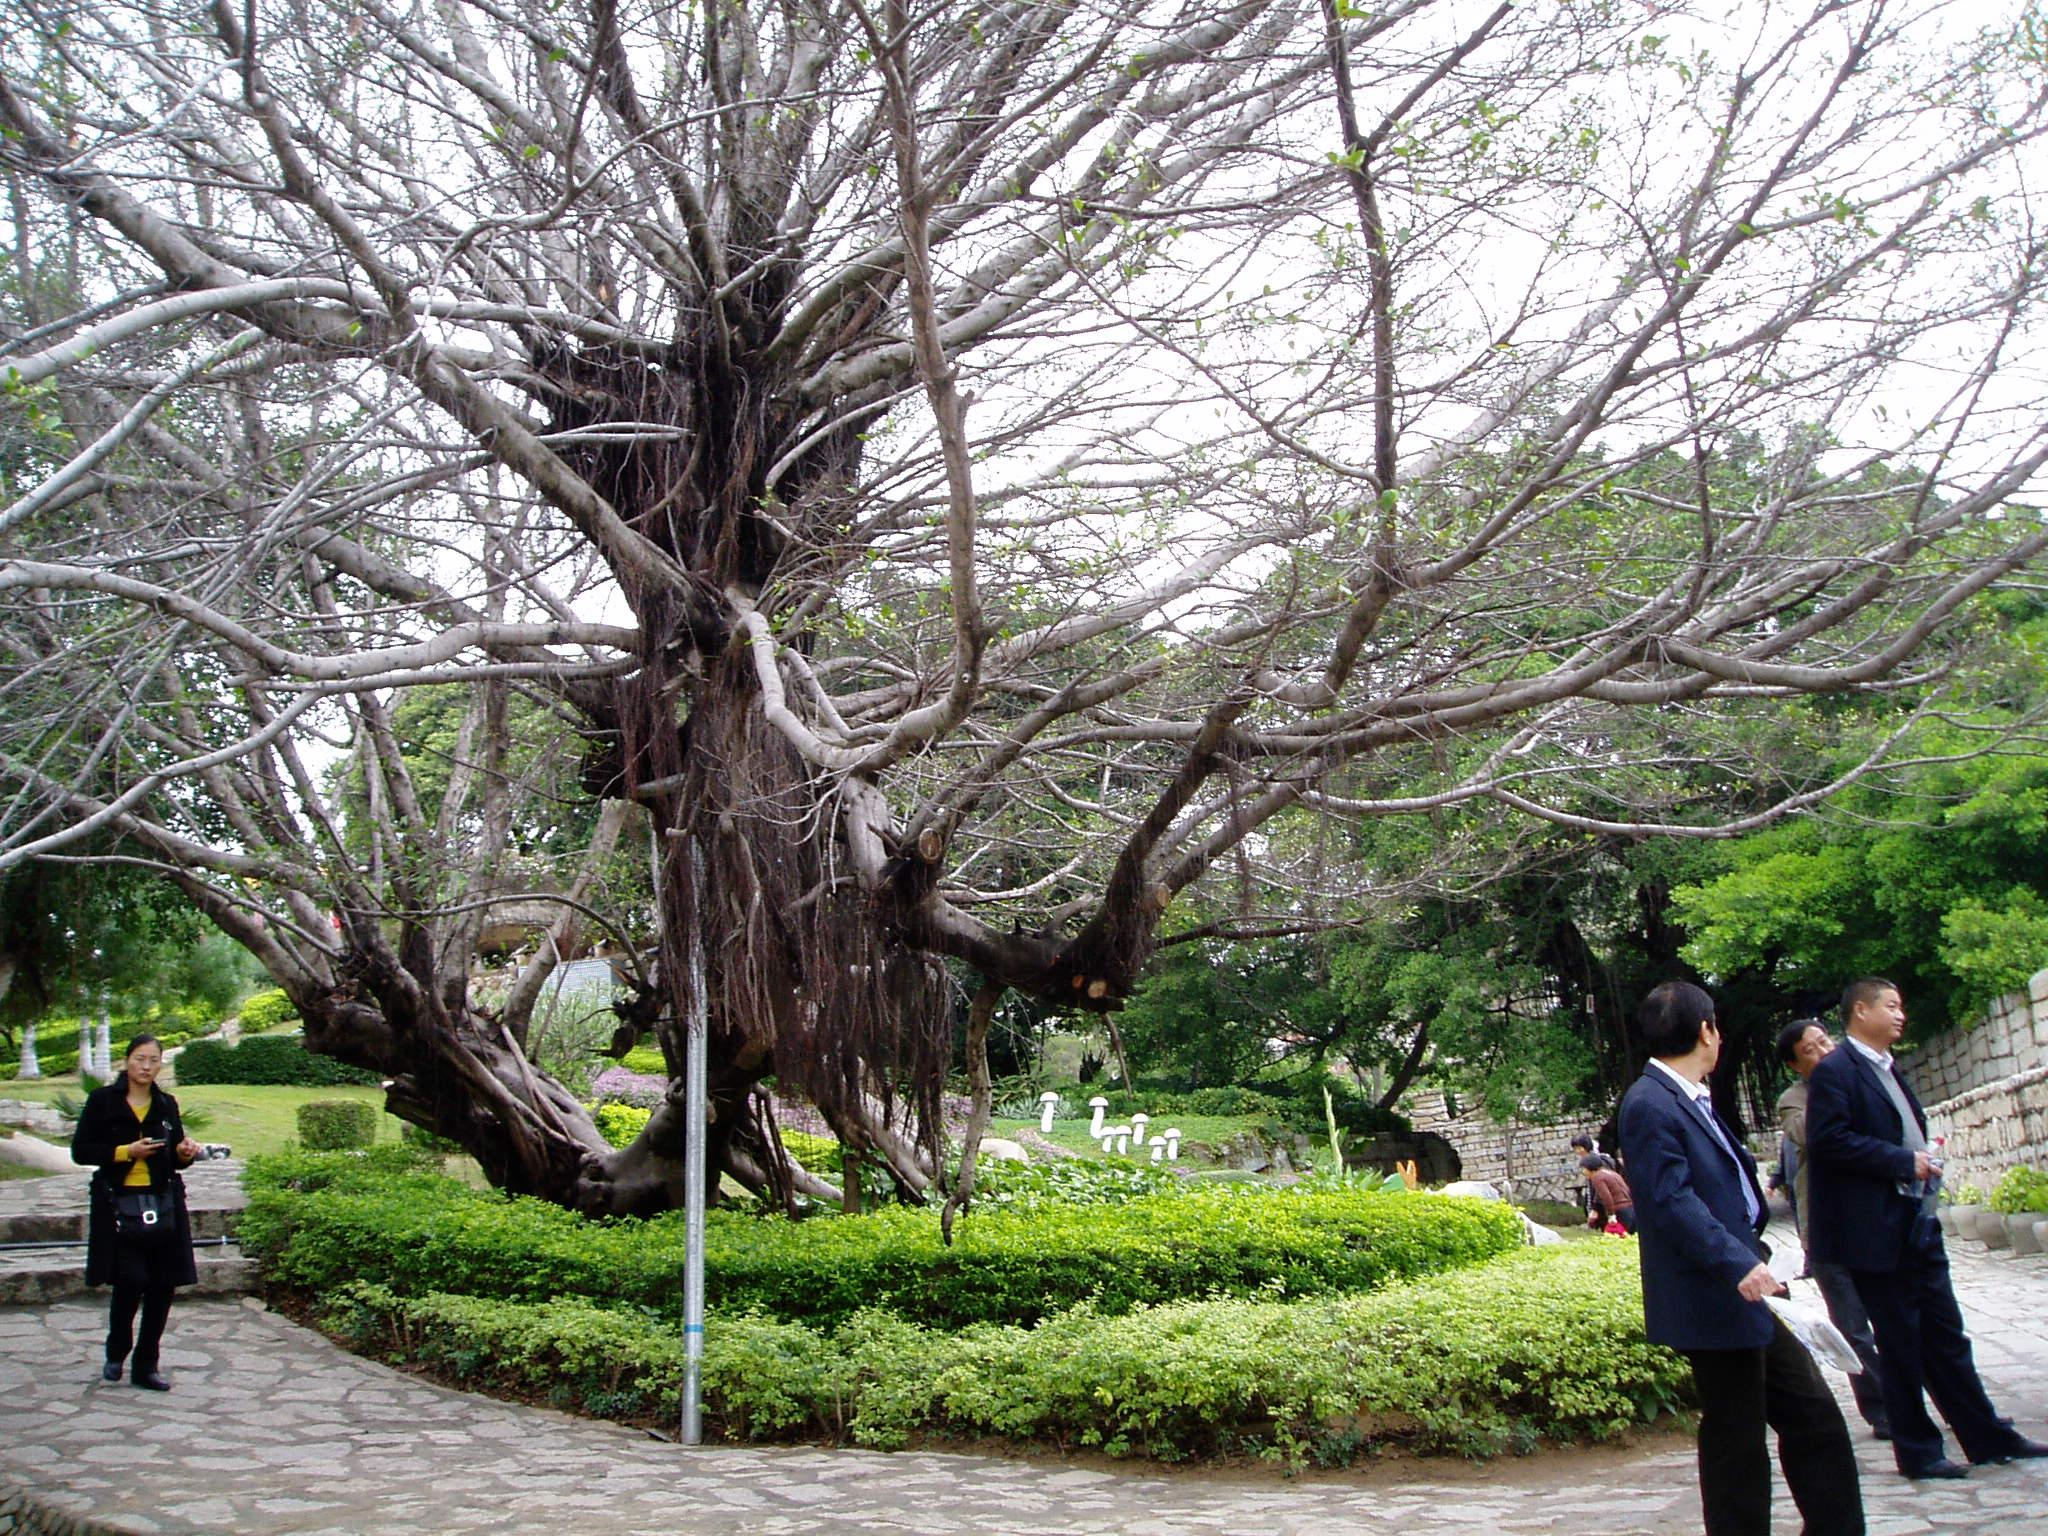 旅行心情记录:大榕树叶子已经没有了